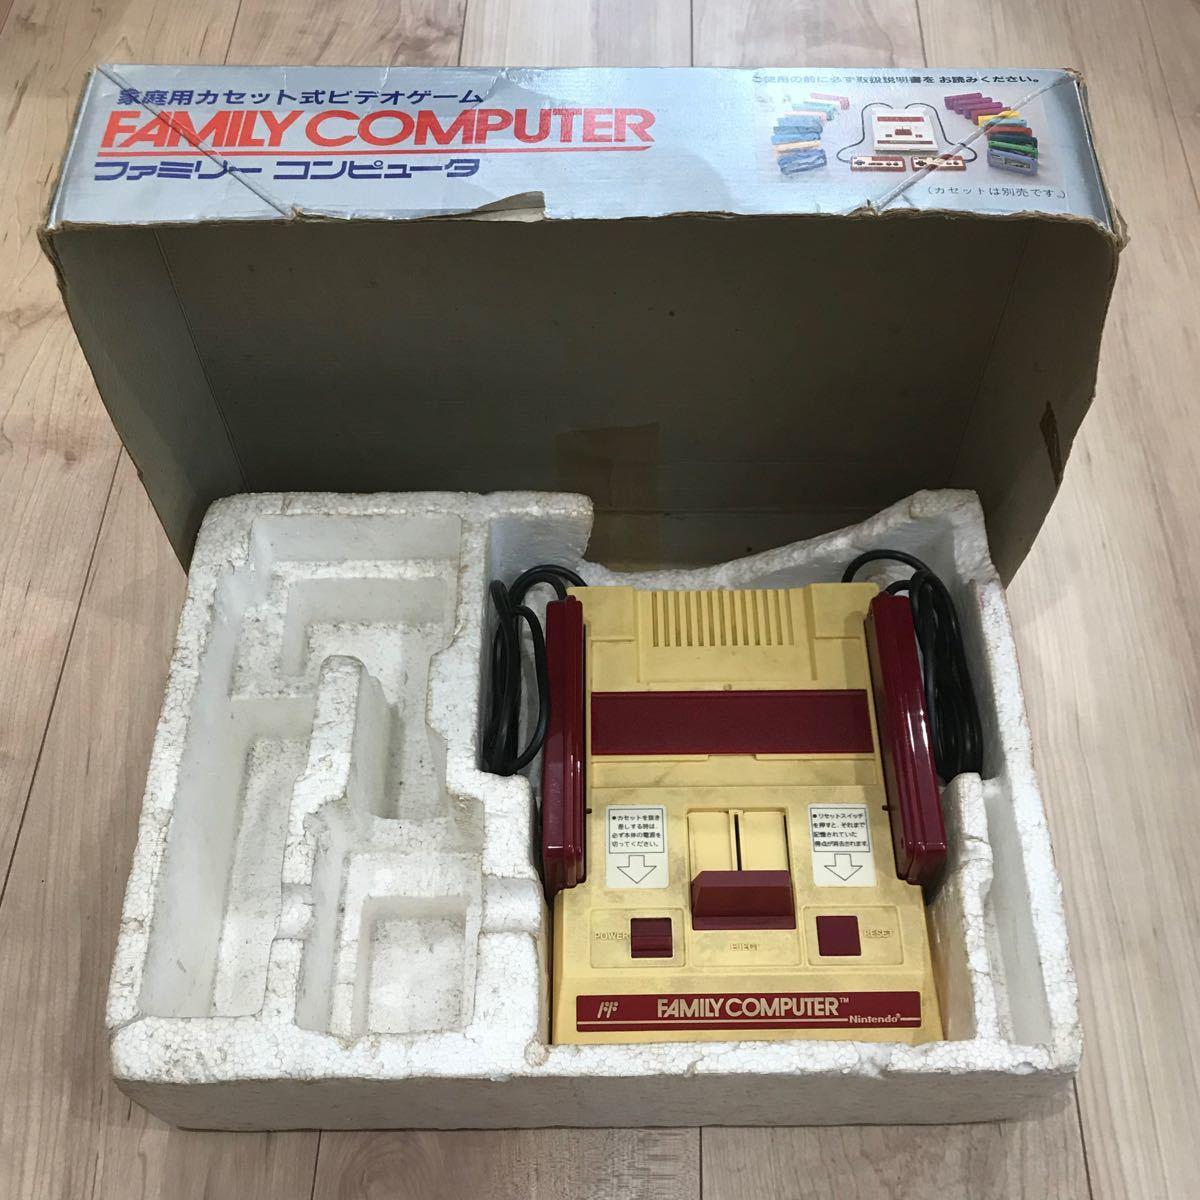 ★任天堂★ ファミリーコンピュータ 本体